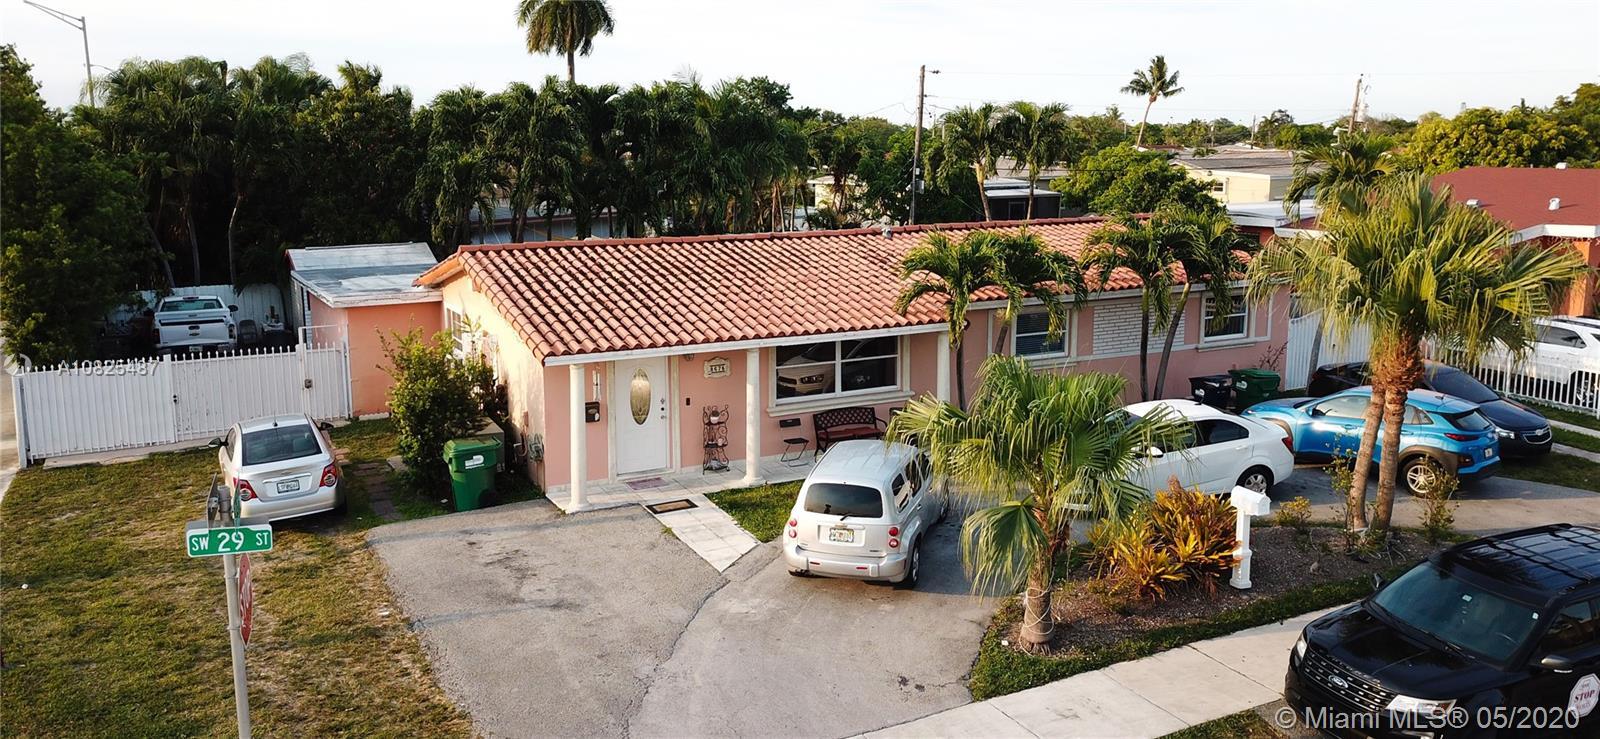 8675 SW 29th St, Miami, FL 33155 - Miami, FL real estate listing